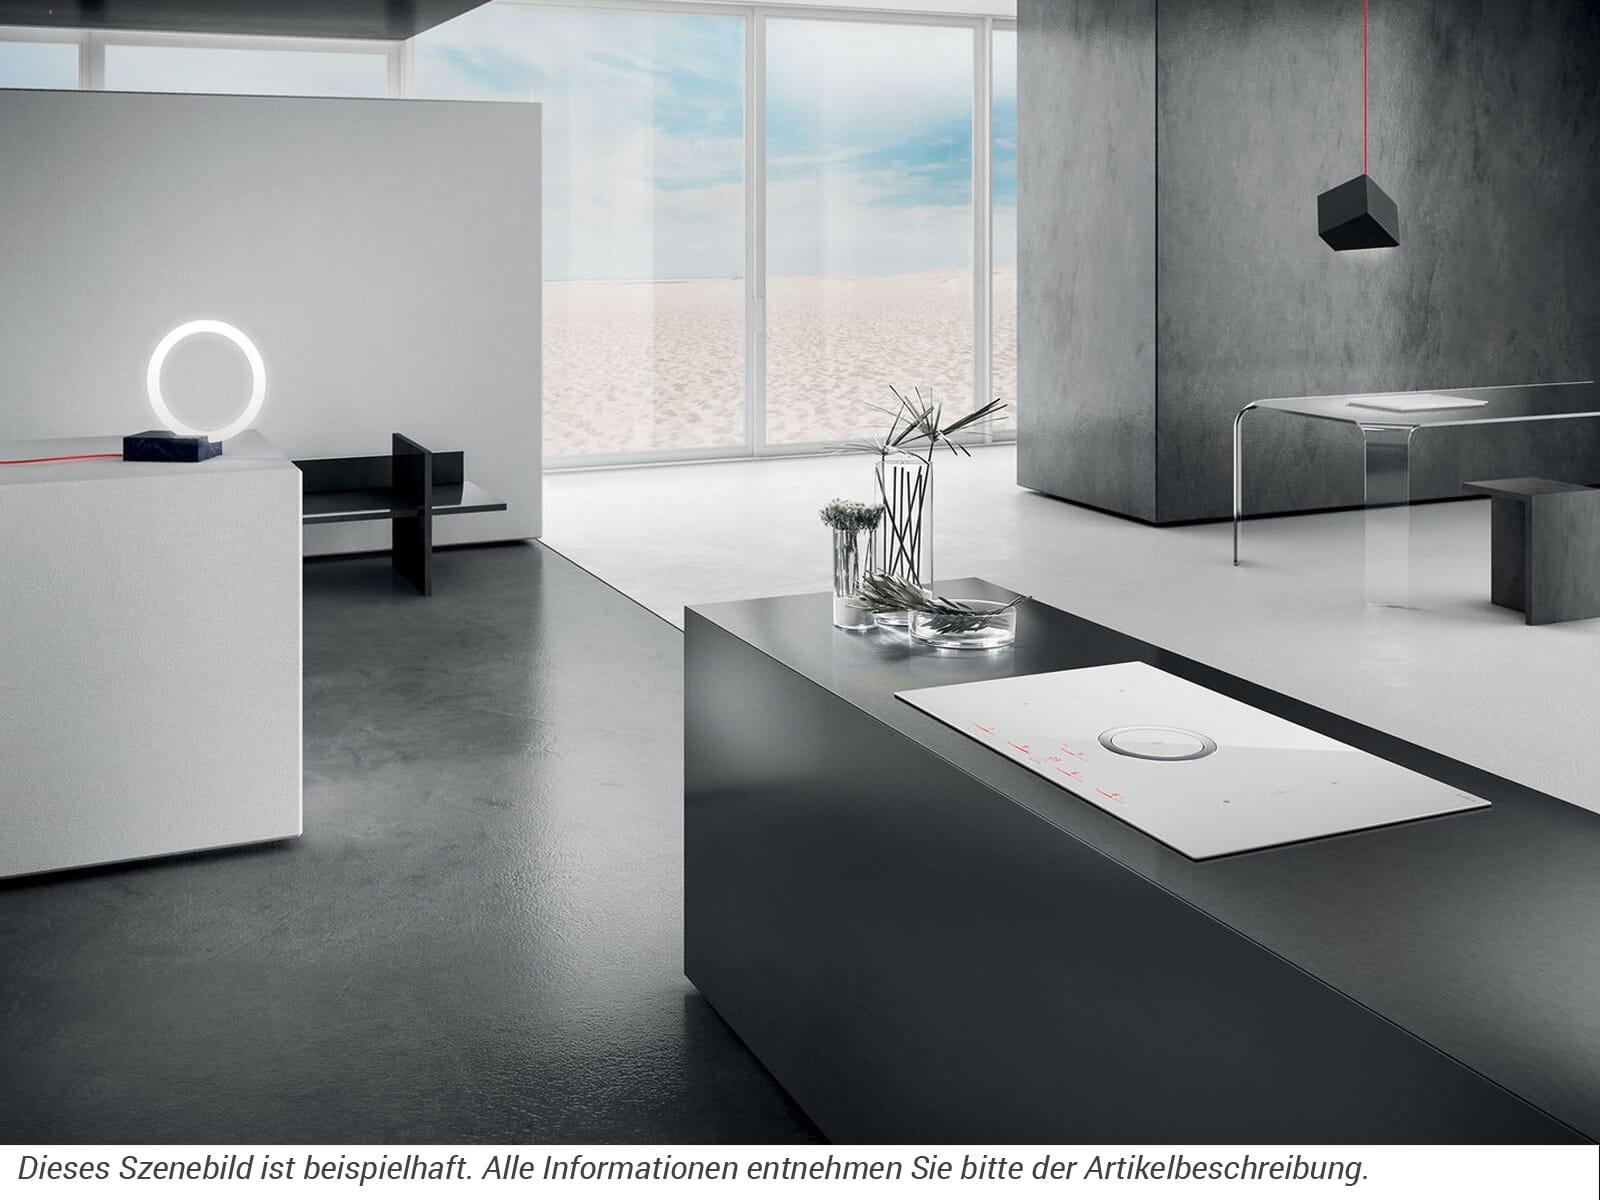 Elica NikolaTesla Switch PRF0146216 Induktionskochfeld-Dunstabzug-Kombination Weiß